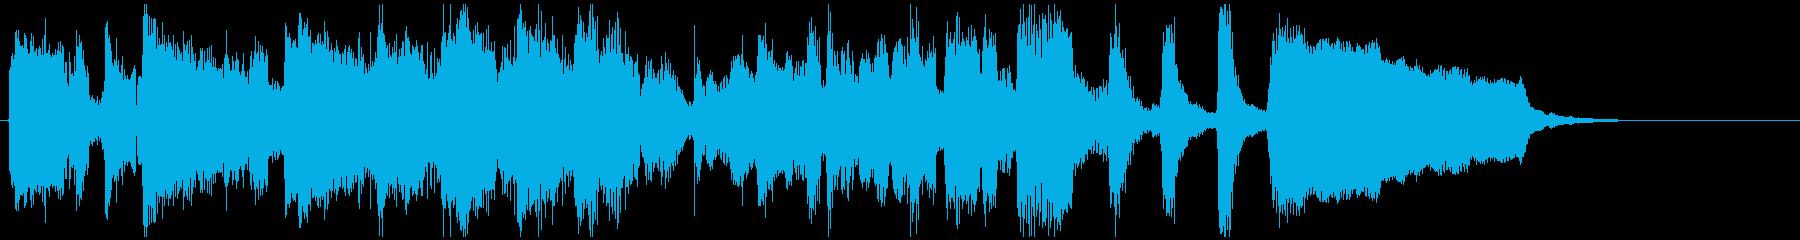 わくわくするショーの始まりっぽい15秒曲の再生済みの波形